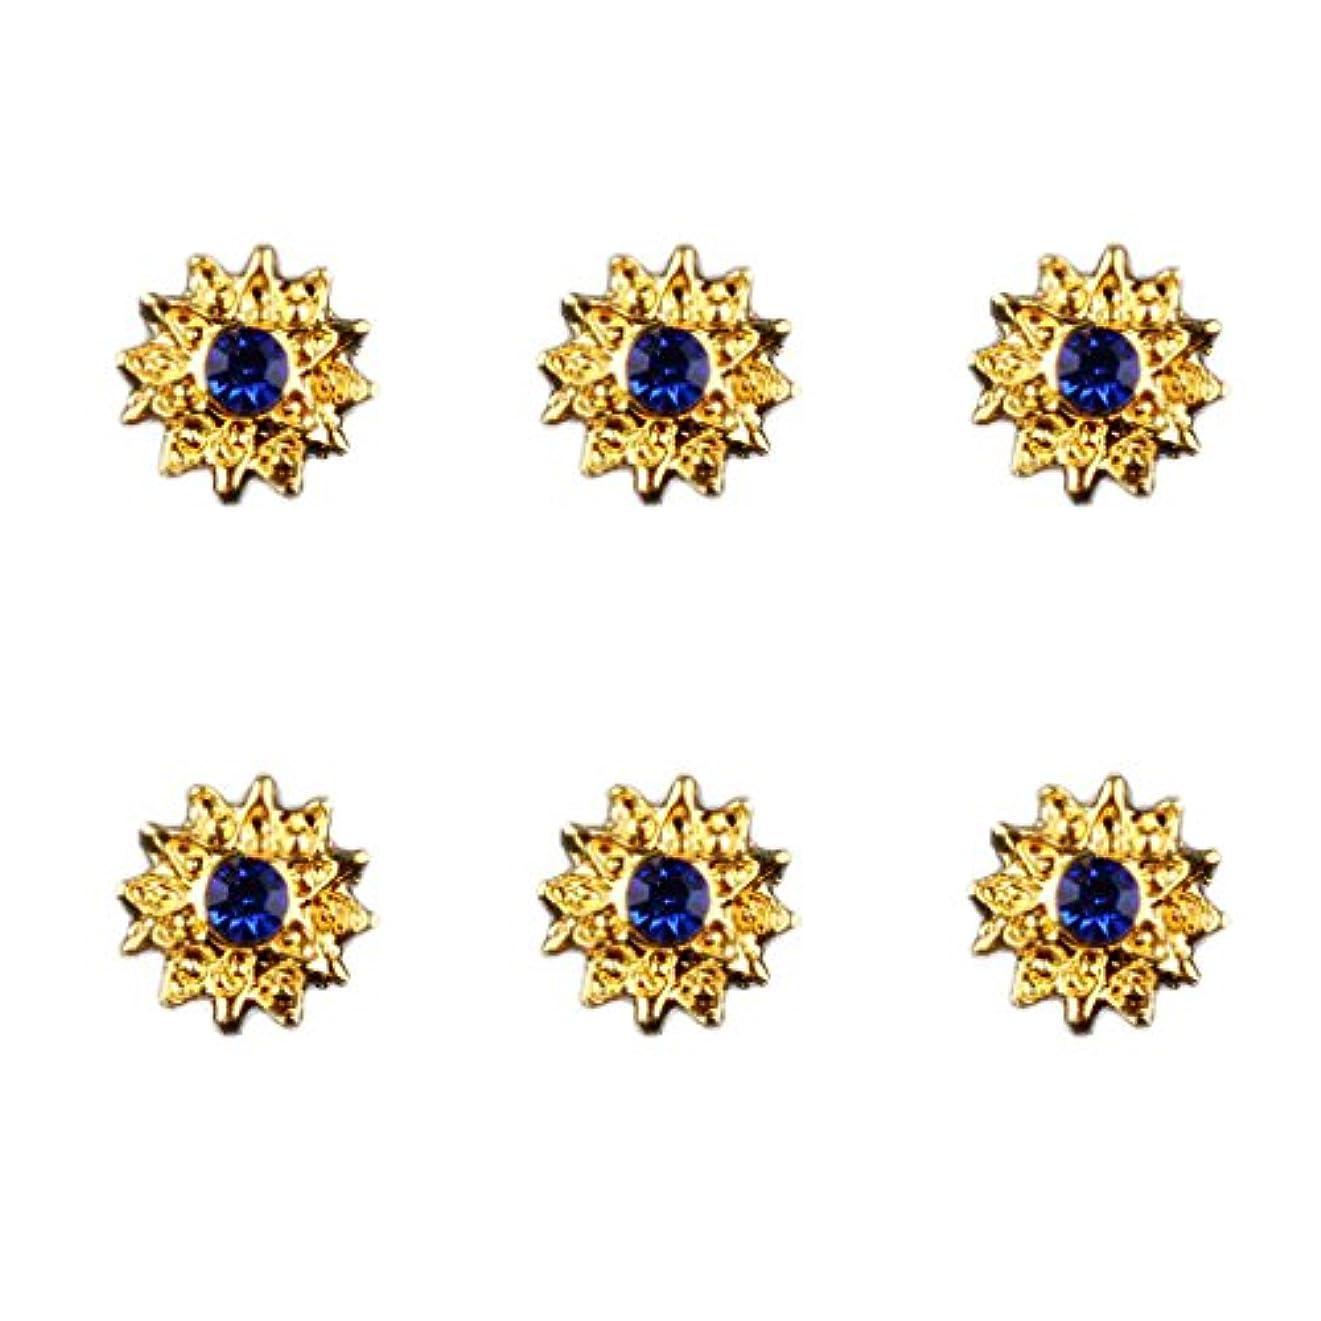 事しみ独立約50個入り マニキュア ダイヤモンド 3Dネイルアート ヒントステッカー 装飾 全8種類 - 6